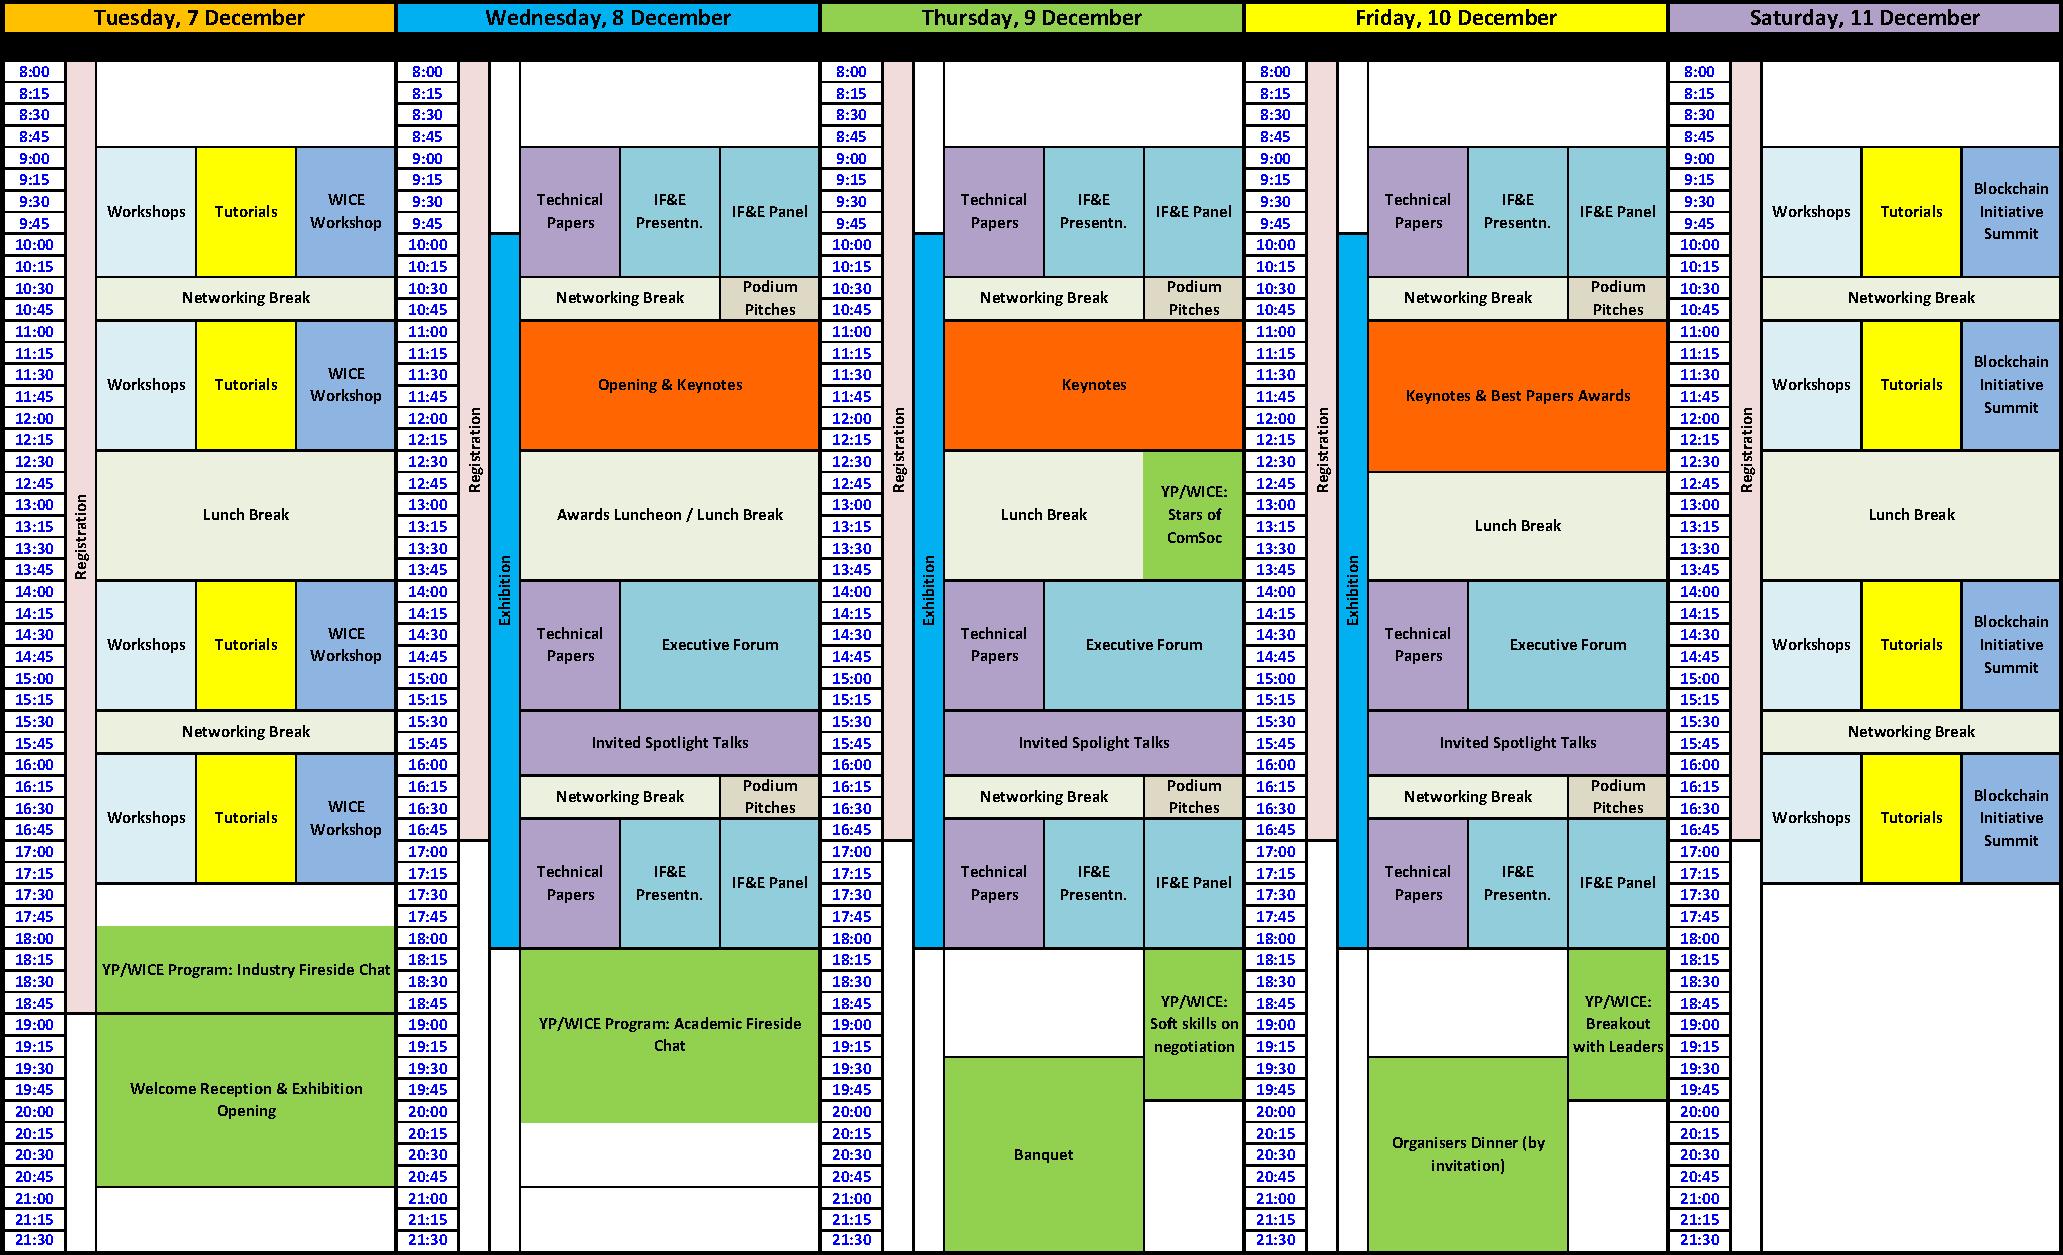 GLOBECOM 2021 Program Matrix